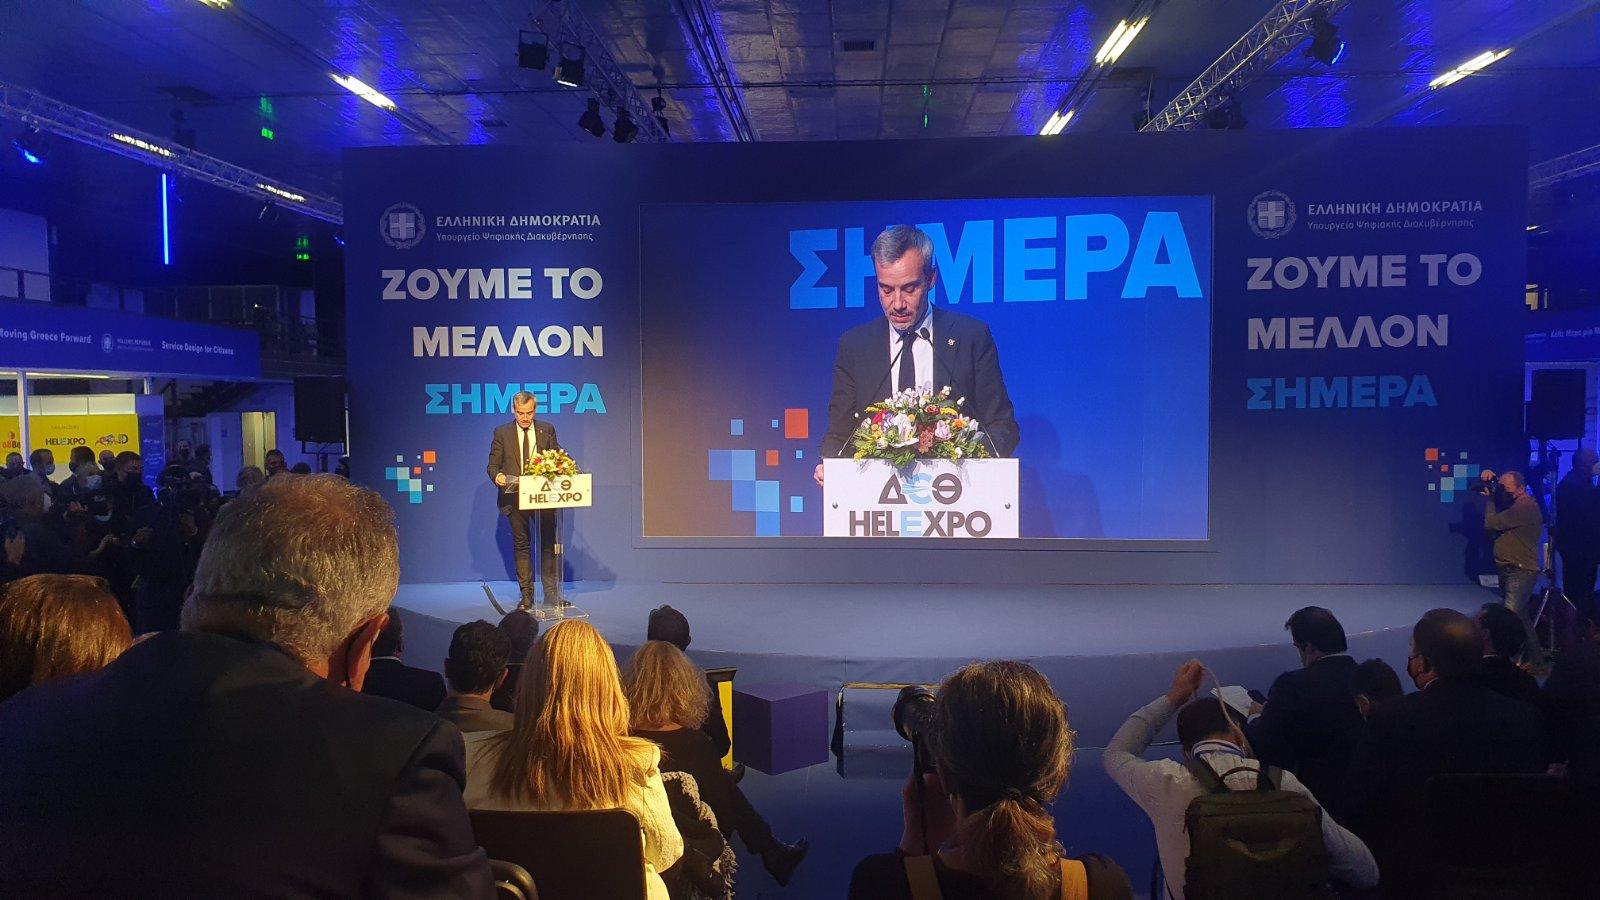 Ο Κ. Ζέρβας στα εγκαίνια της έκθεσης Beyond 4.0: Η Θεσσαλονίκη εθνικός οδηγός στον τομέα της ψηφιακής τεχνολογίας και καινοτομίας